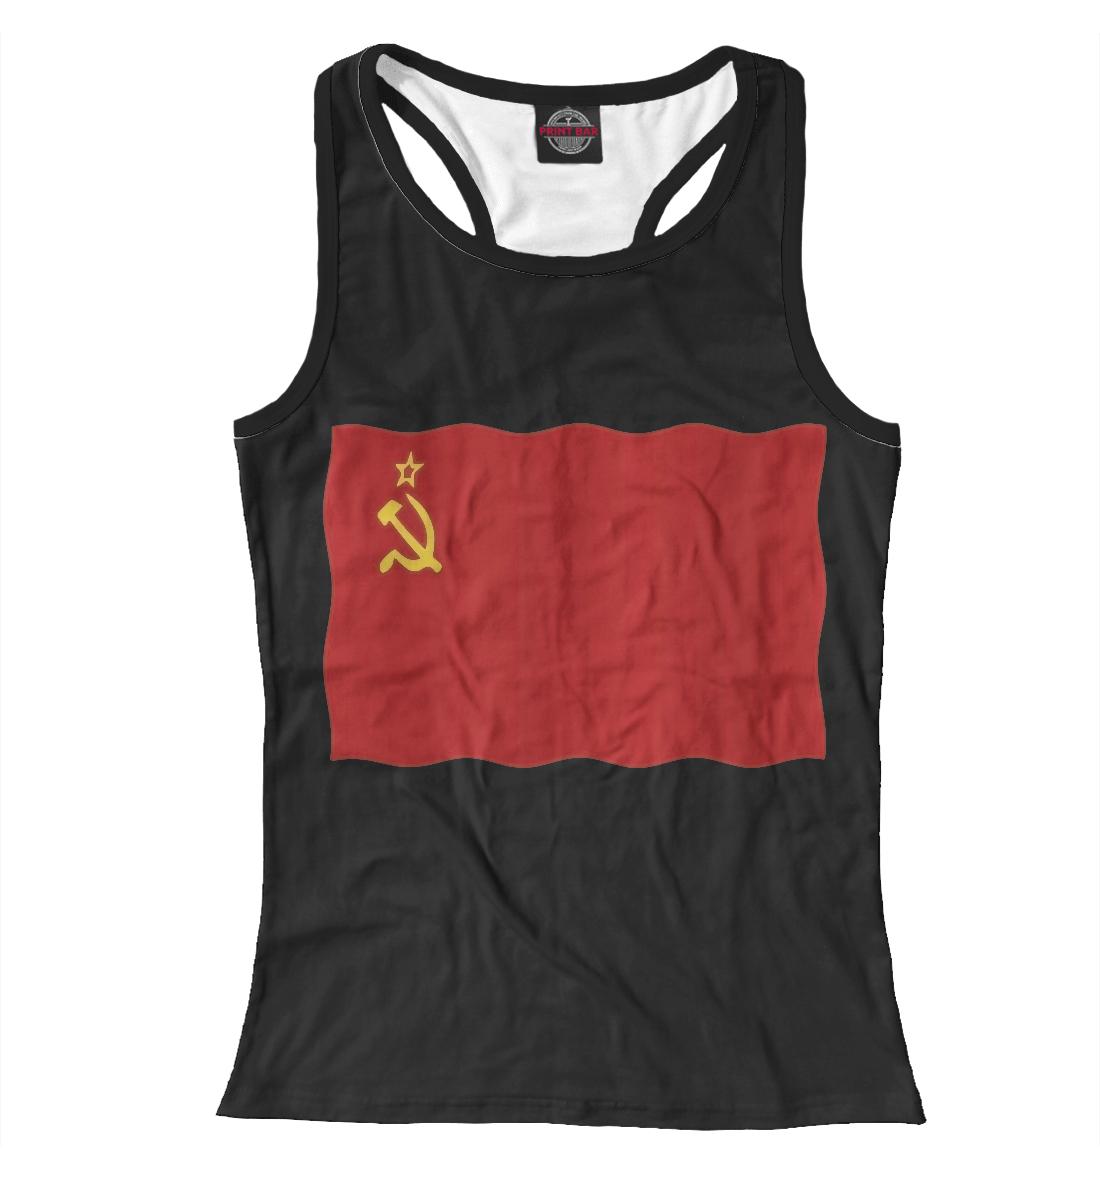 Купить Флаг СССР, Printbar, Майки борцовки, SSS-626207-mayb-1